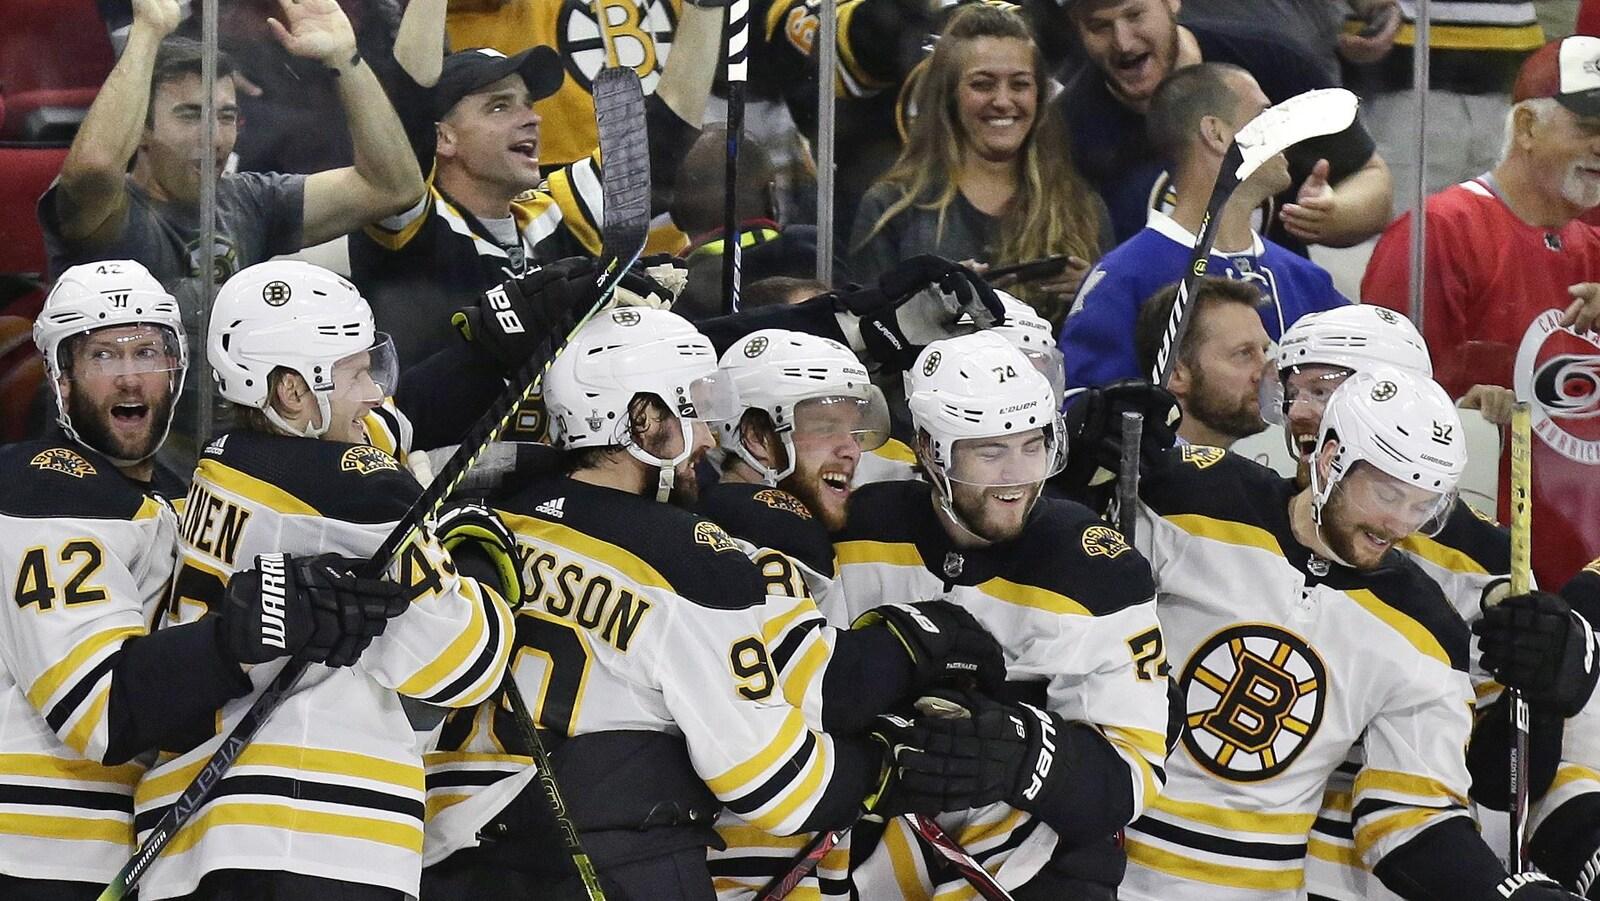 Les joueurs des Bruins célèbrent leur victoire à la fin du quatrième match de la finale de l'Association de l'Est face aux Hurricanes de la Caroline